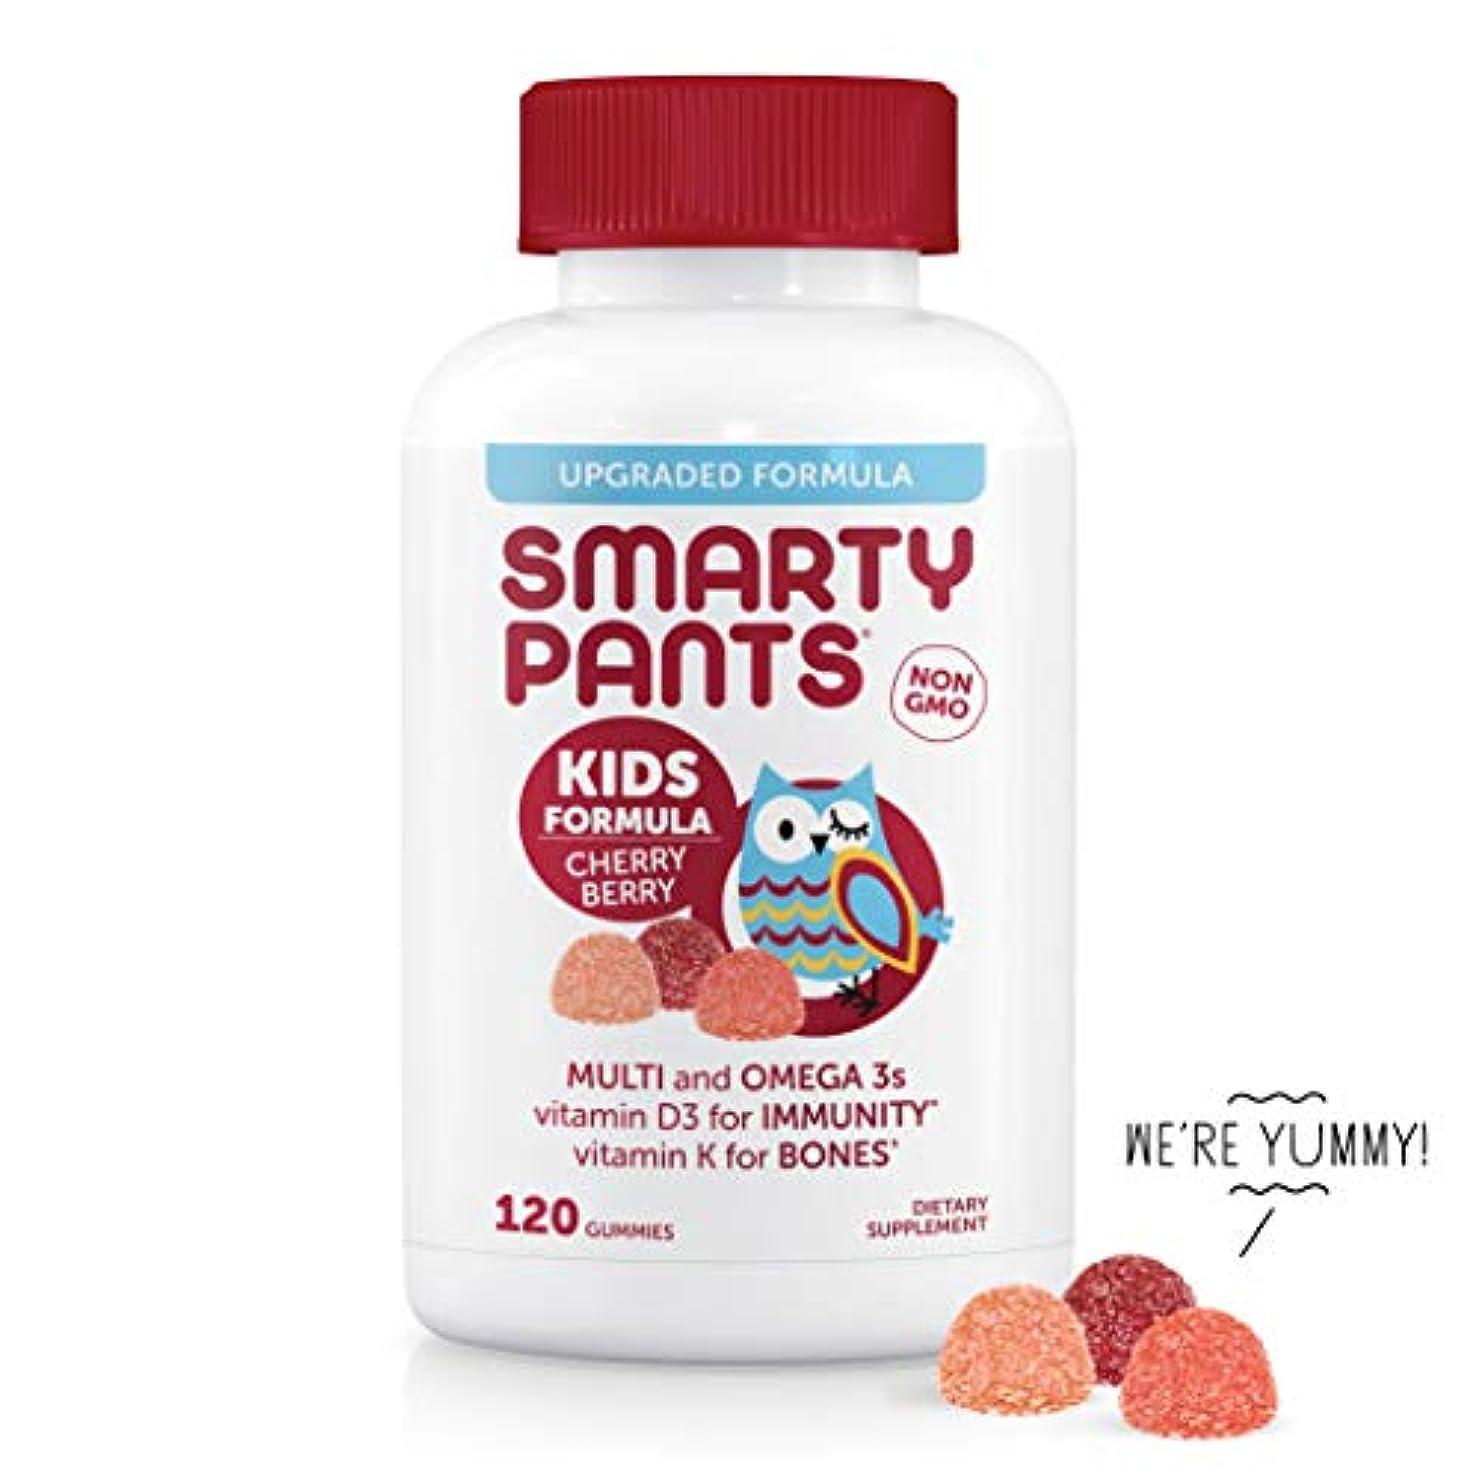 保護うんざり洗練されたSmartyPants キッズコンプリート マルチビタミン オメガ3フィッシュオイル ビタミンD3とB12 チェリー?ベリー グミ120個